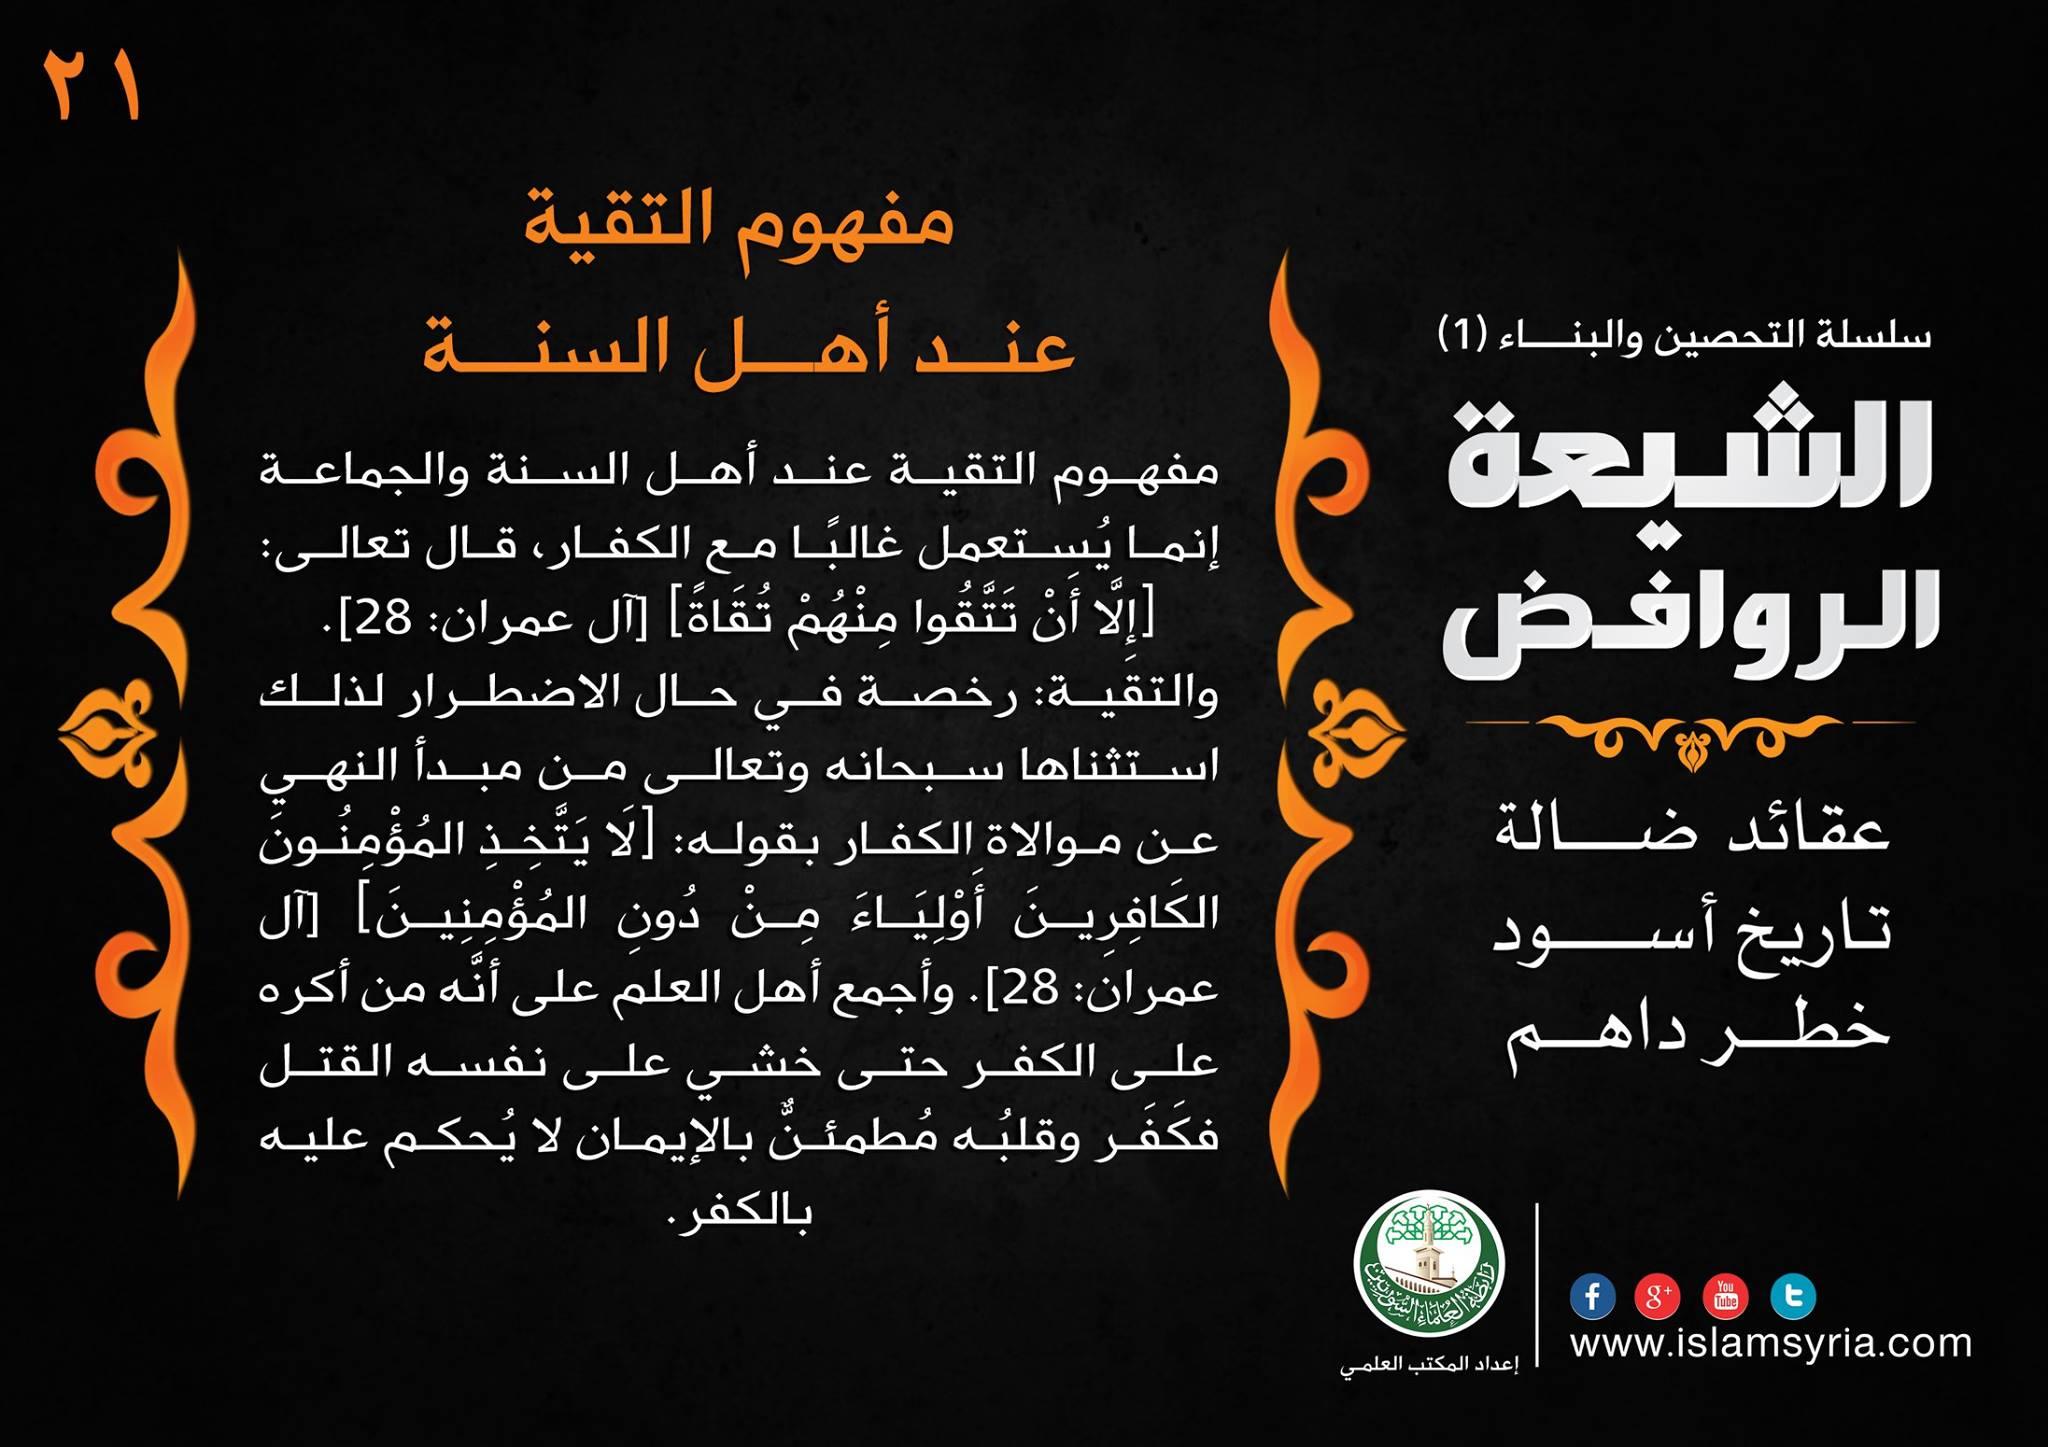 سلسلة التحصين والبناء -21- الشيعة الروافض